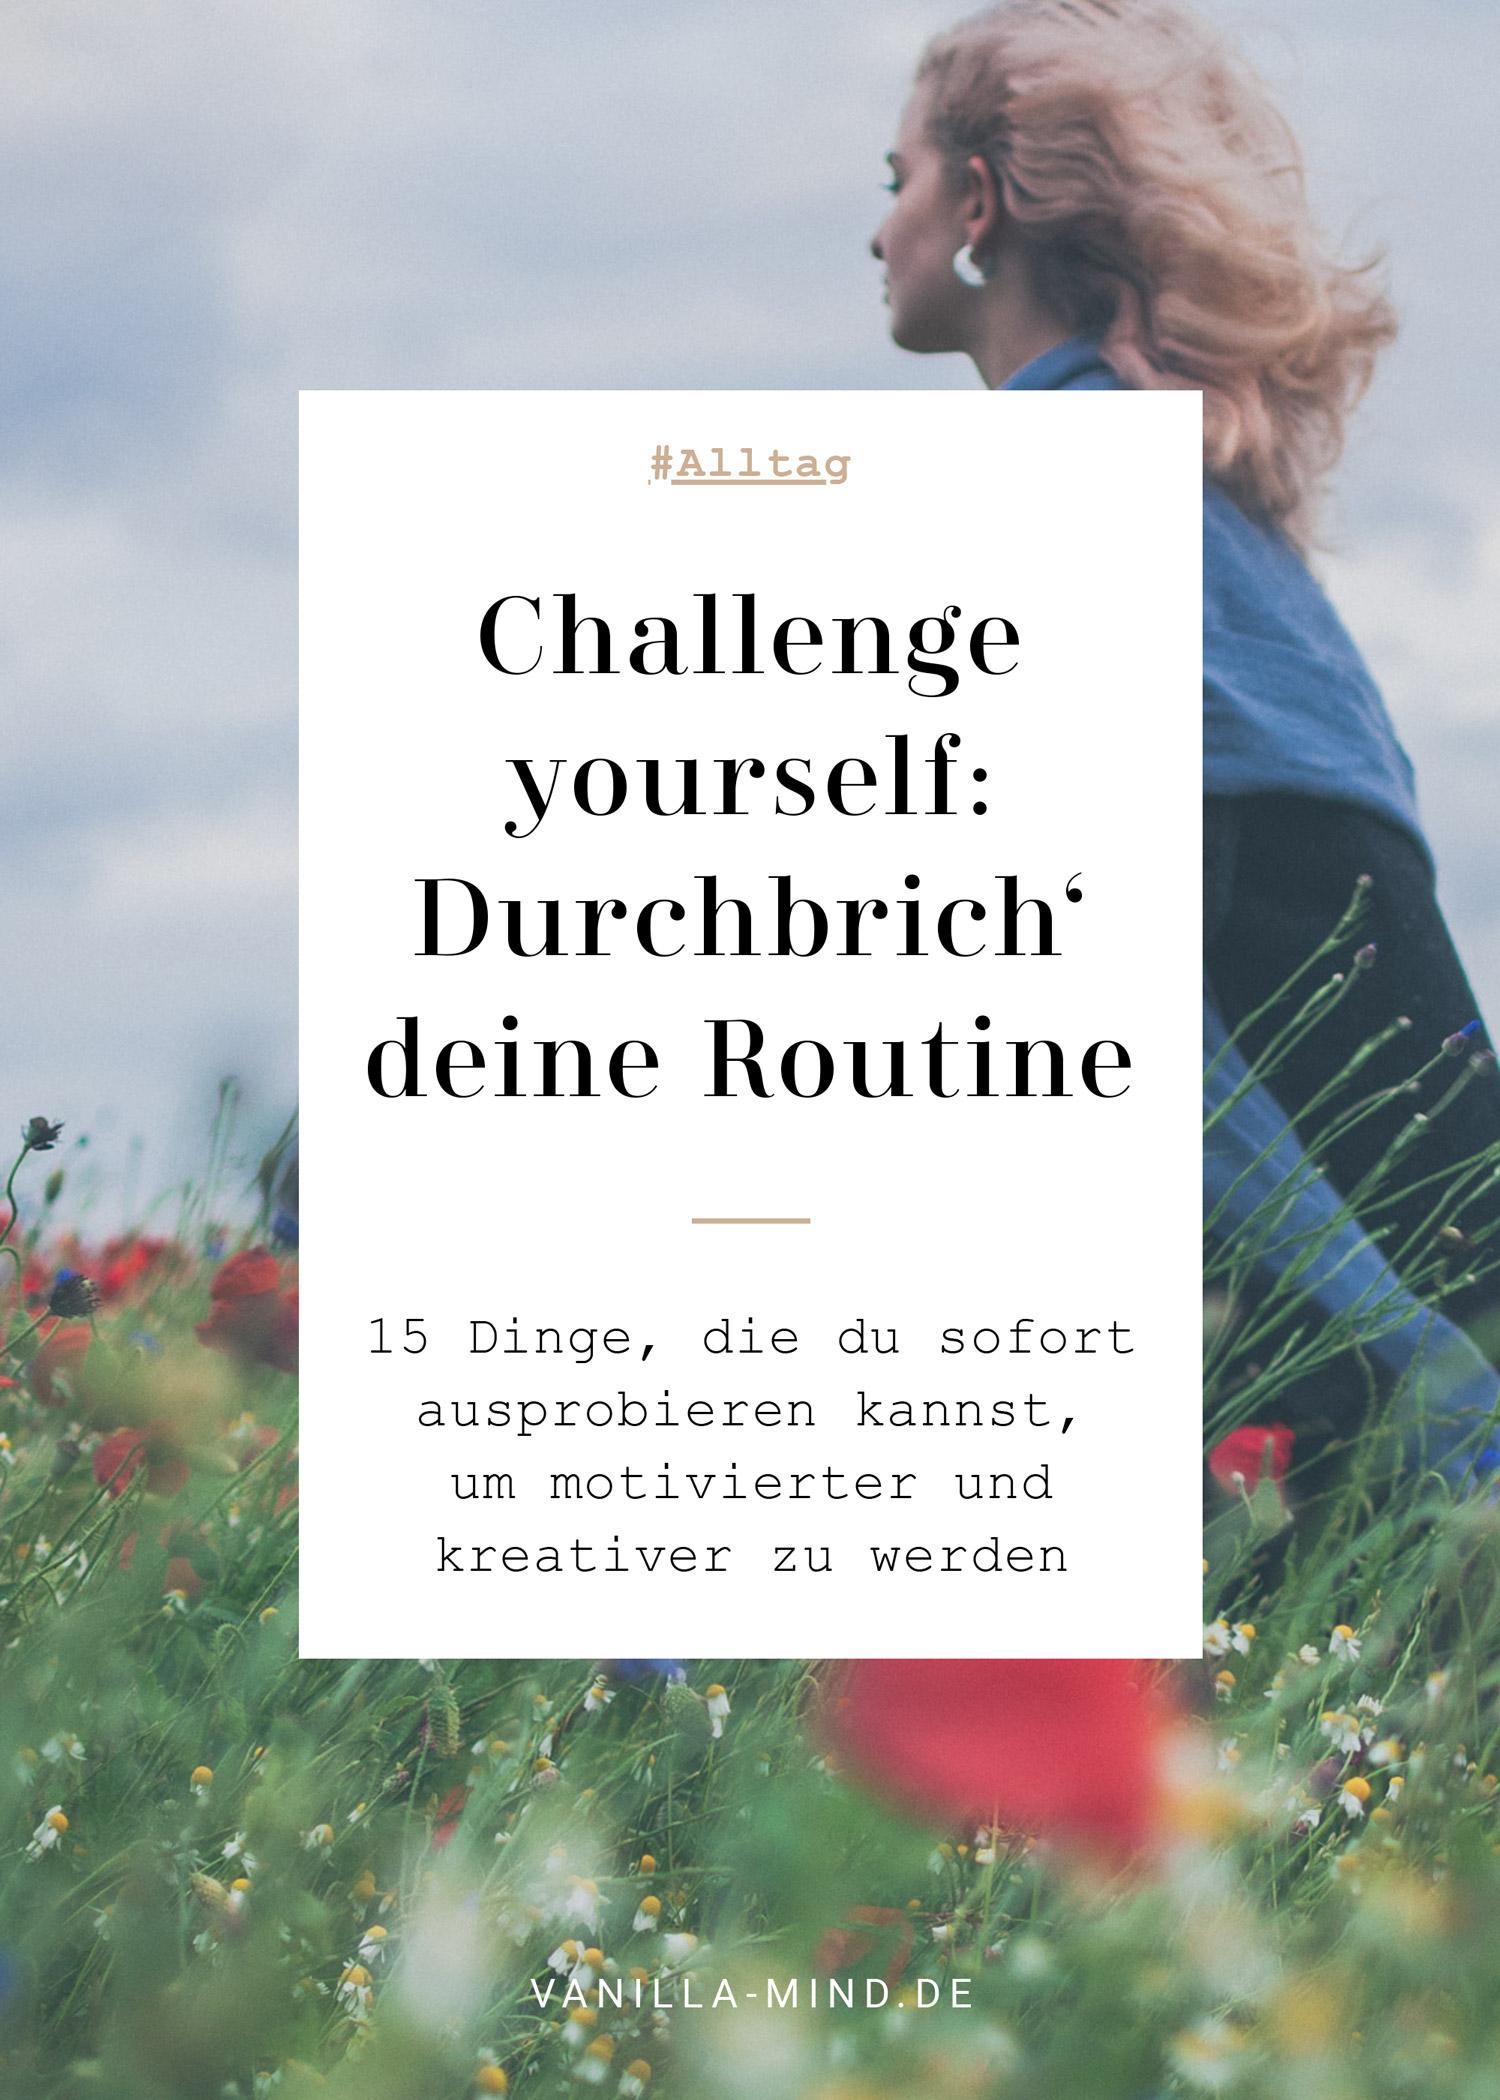 Mach mal etwas anders! – 15 Dinge, die du sofort ausprobieren kannst #Challenge #kreativ #Ideen #Sommer #Blumen #Routine #täglich #Morgenroutine #Alltag #ausbrechen